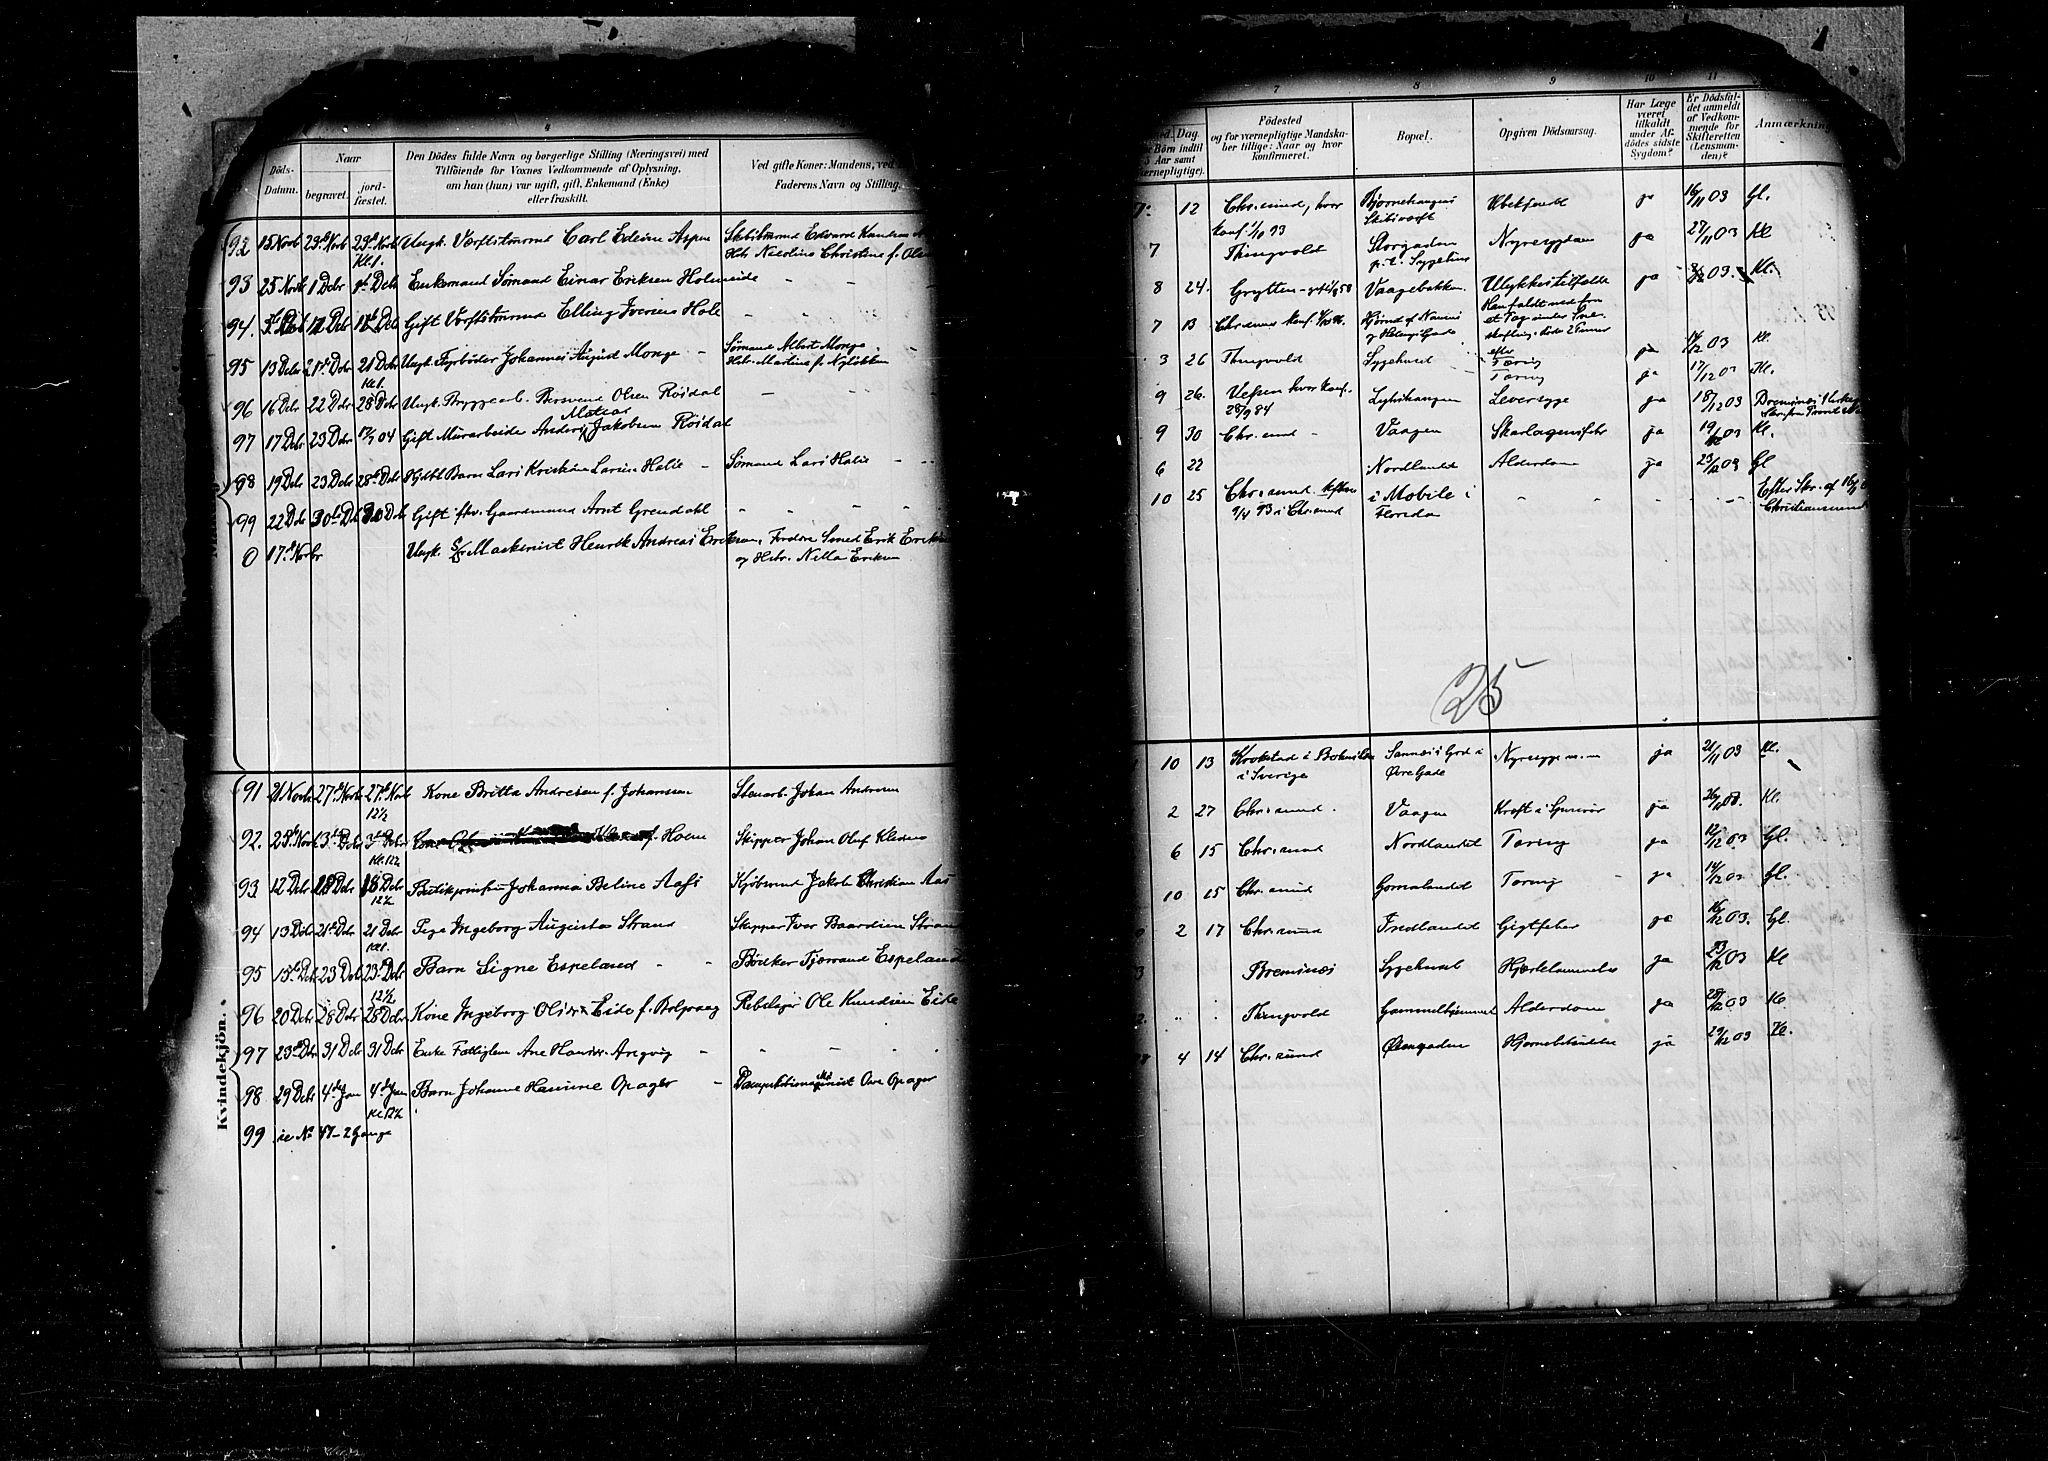 SAT, Arkivreferanse ukjent*, Ministerialbok nr. 6e, 1901-1916, s. 25